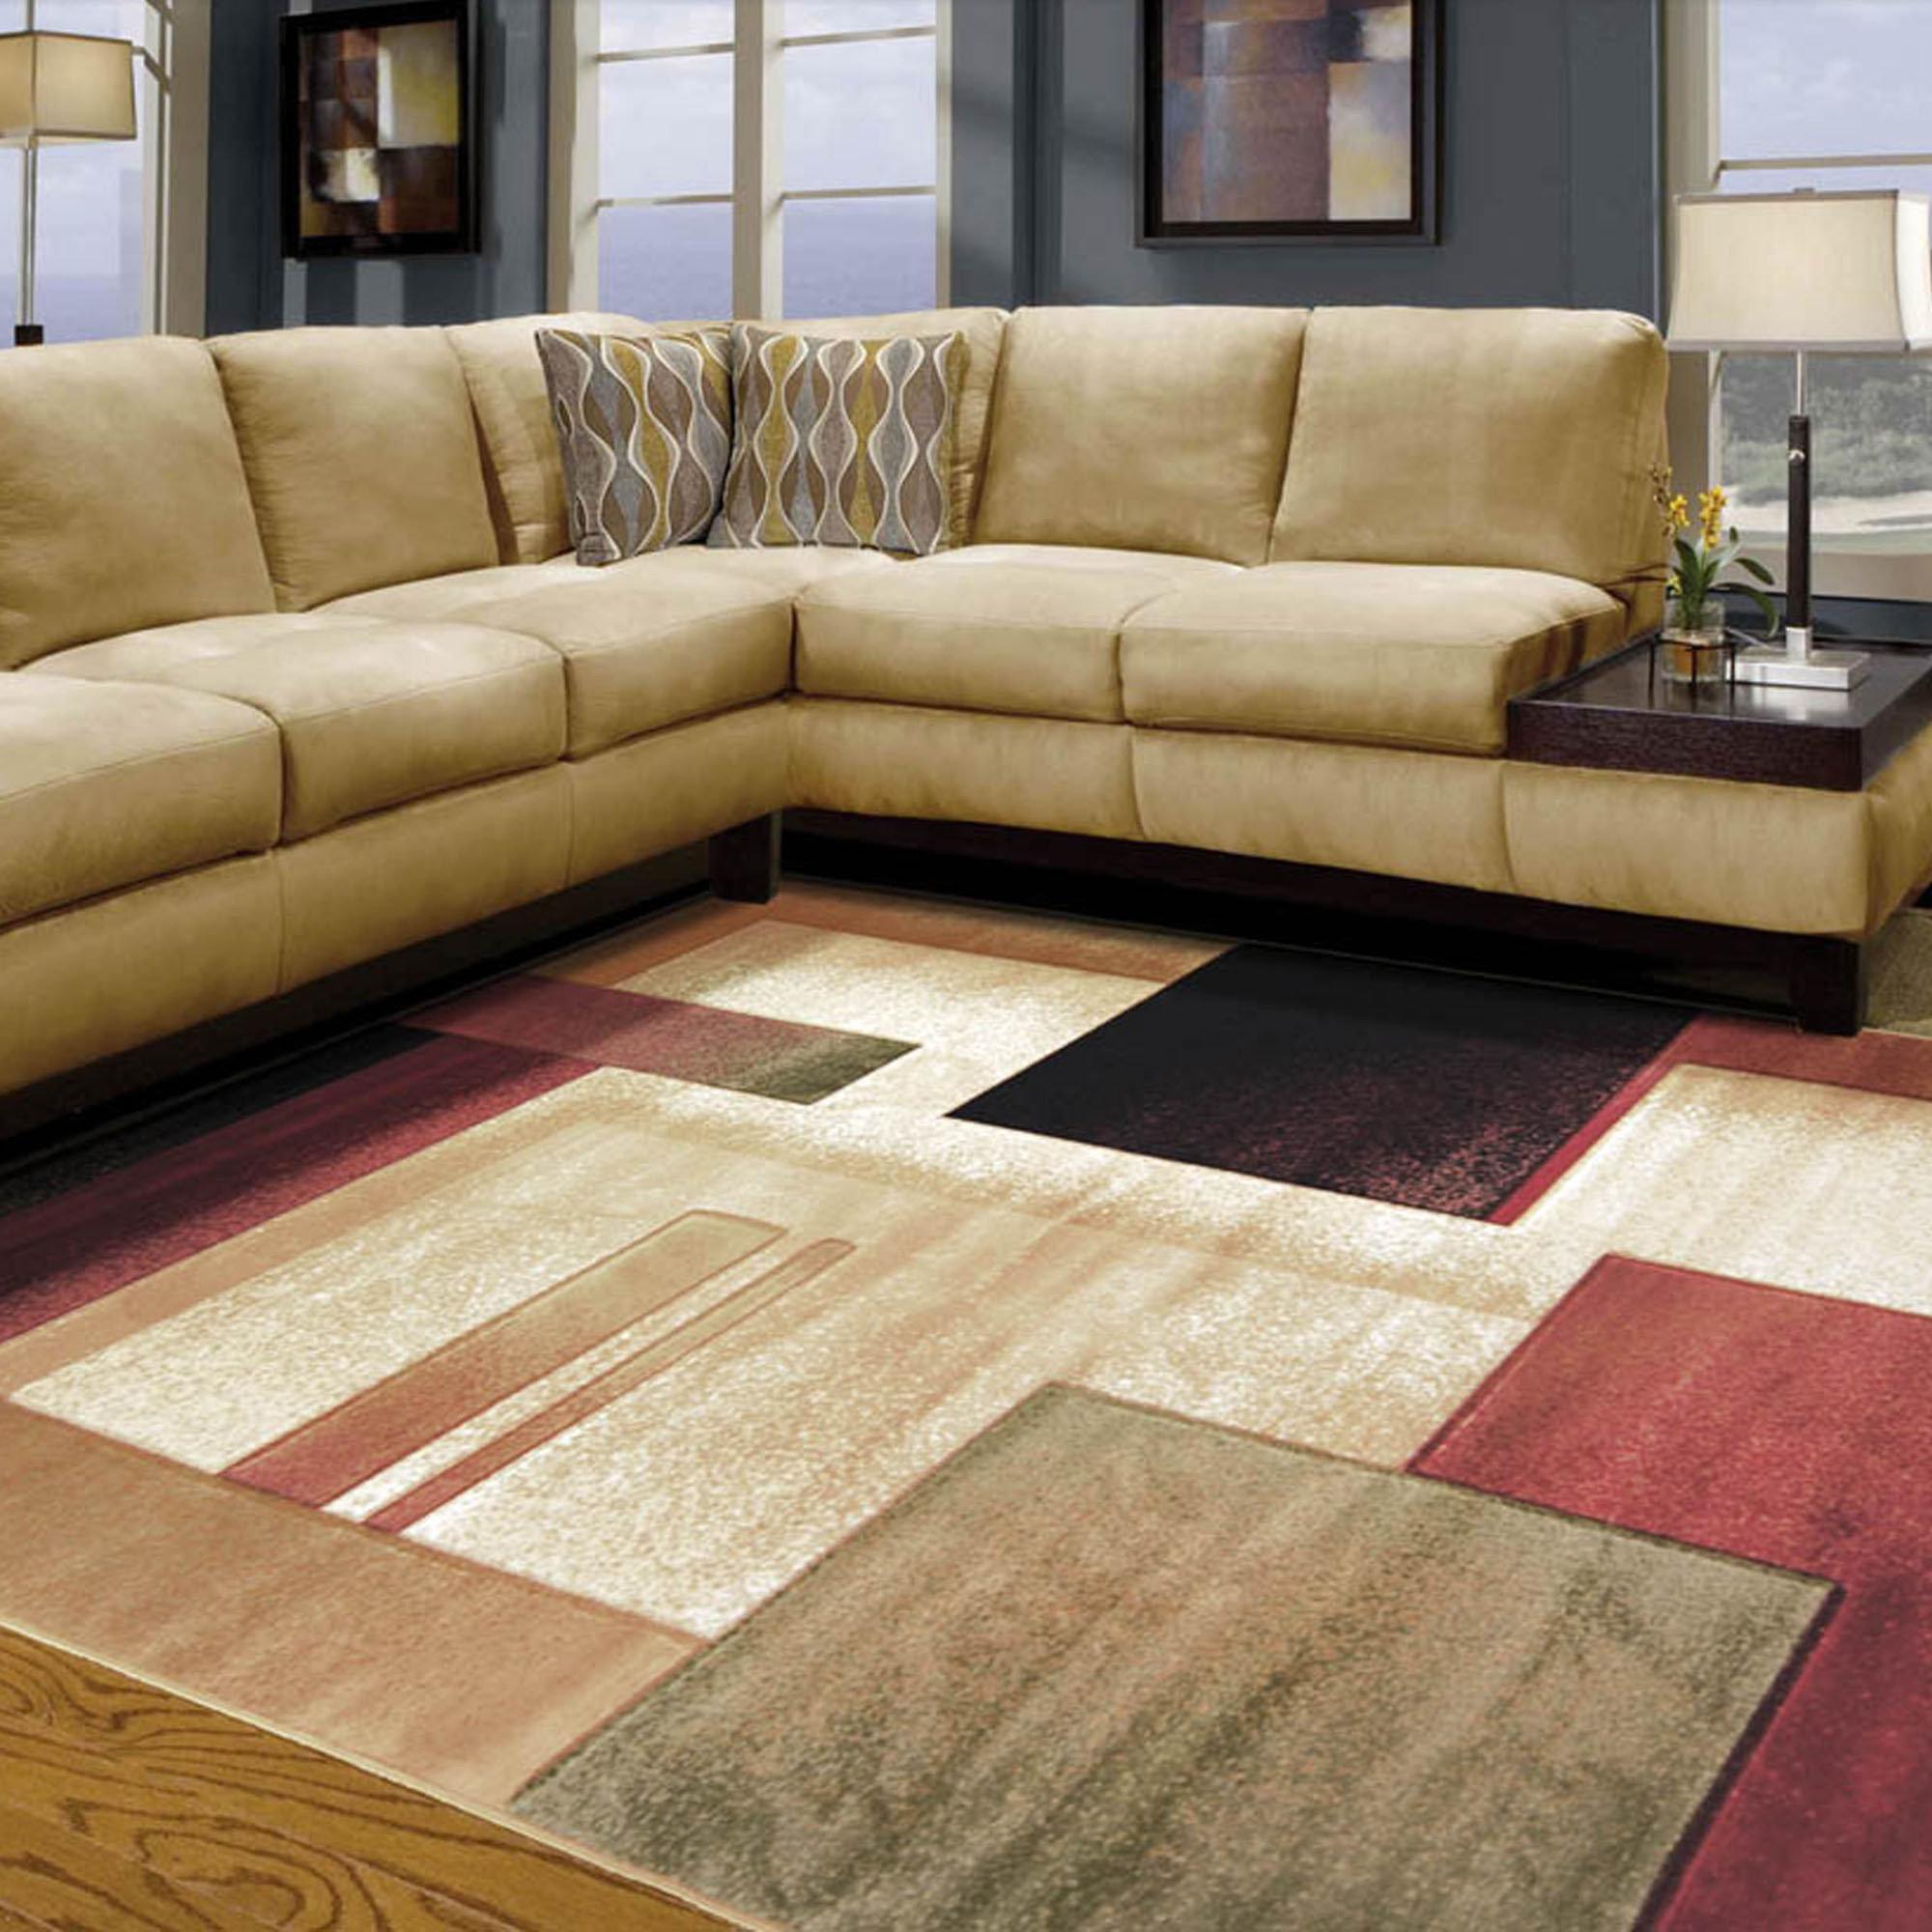 Kitchen area rugs photo - 1